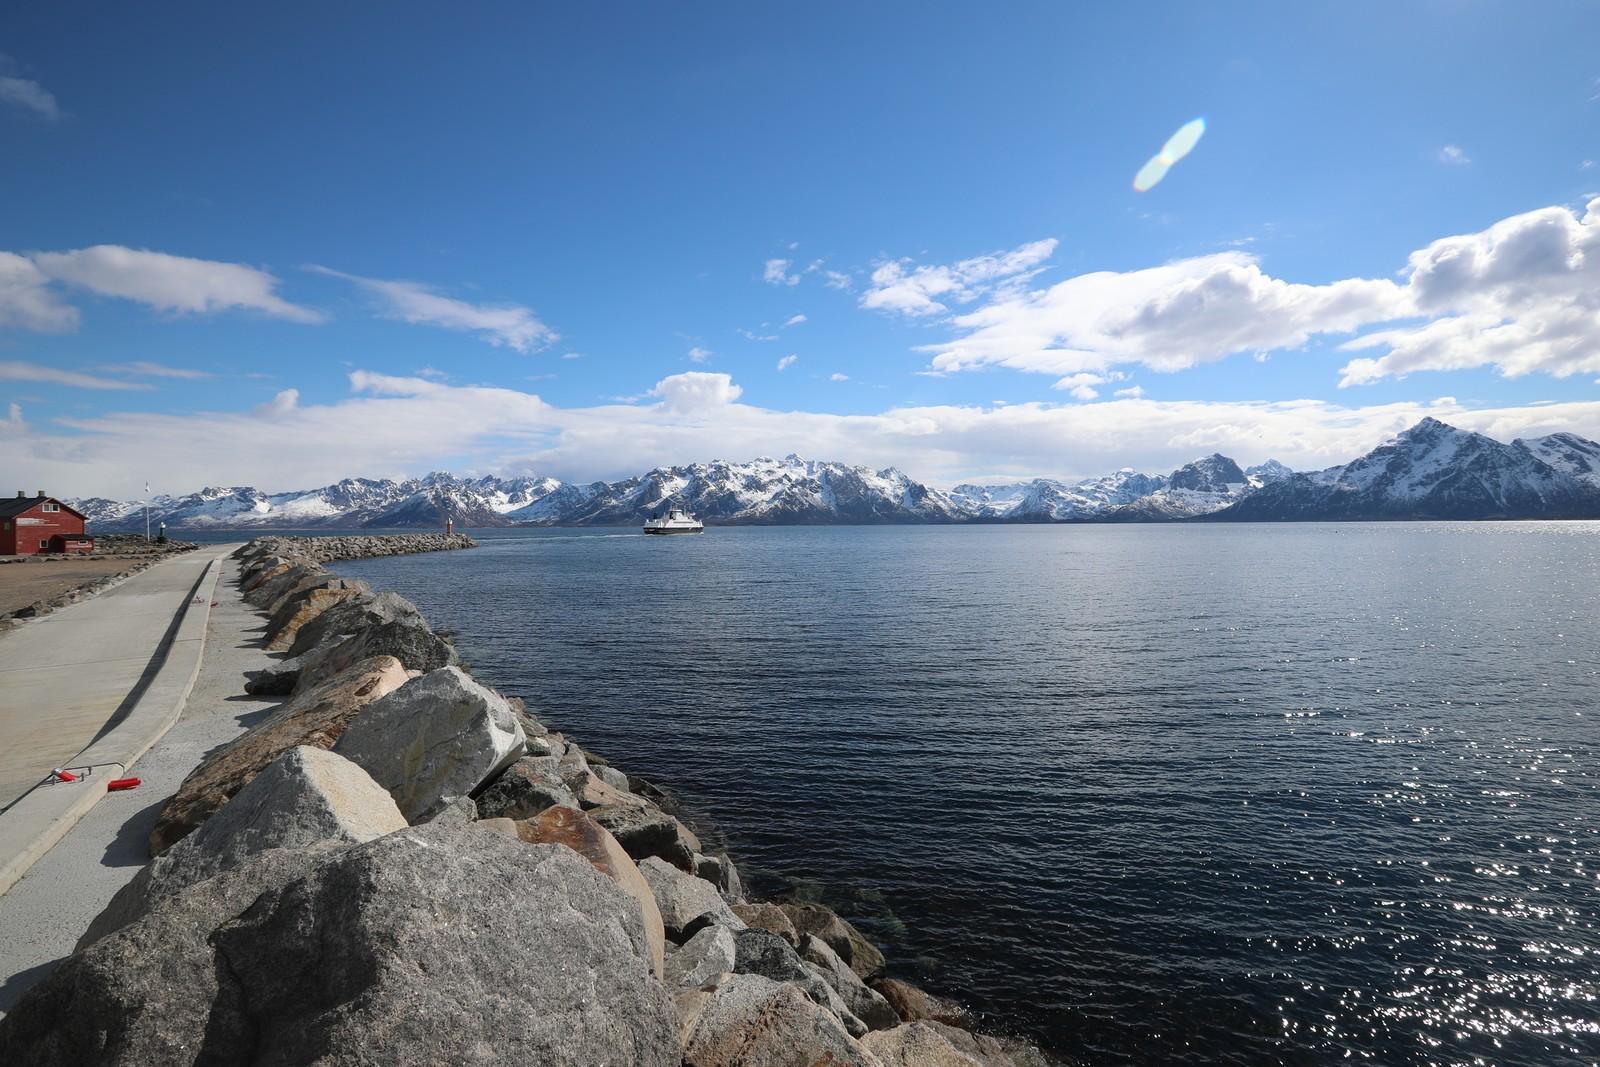 Melbu er et tettsted i Hadsel kommune i Nordland fylke og har 2 243 innbyggere per 1. januar 2016